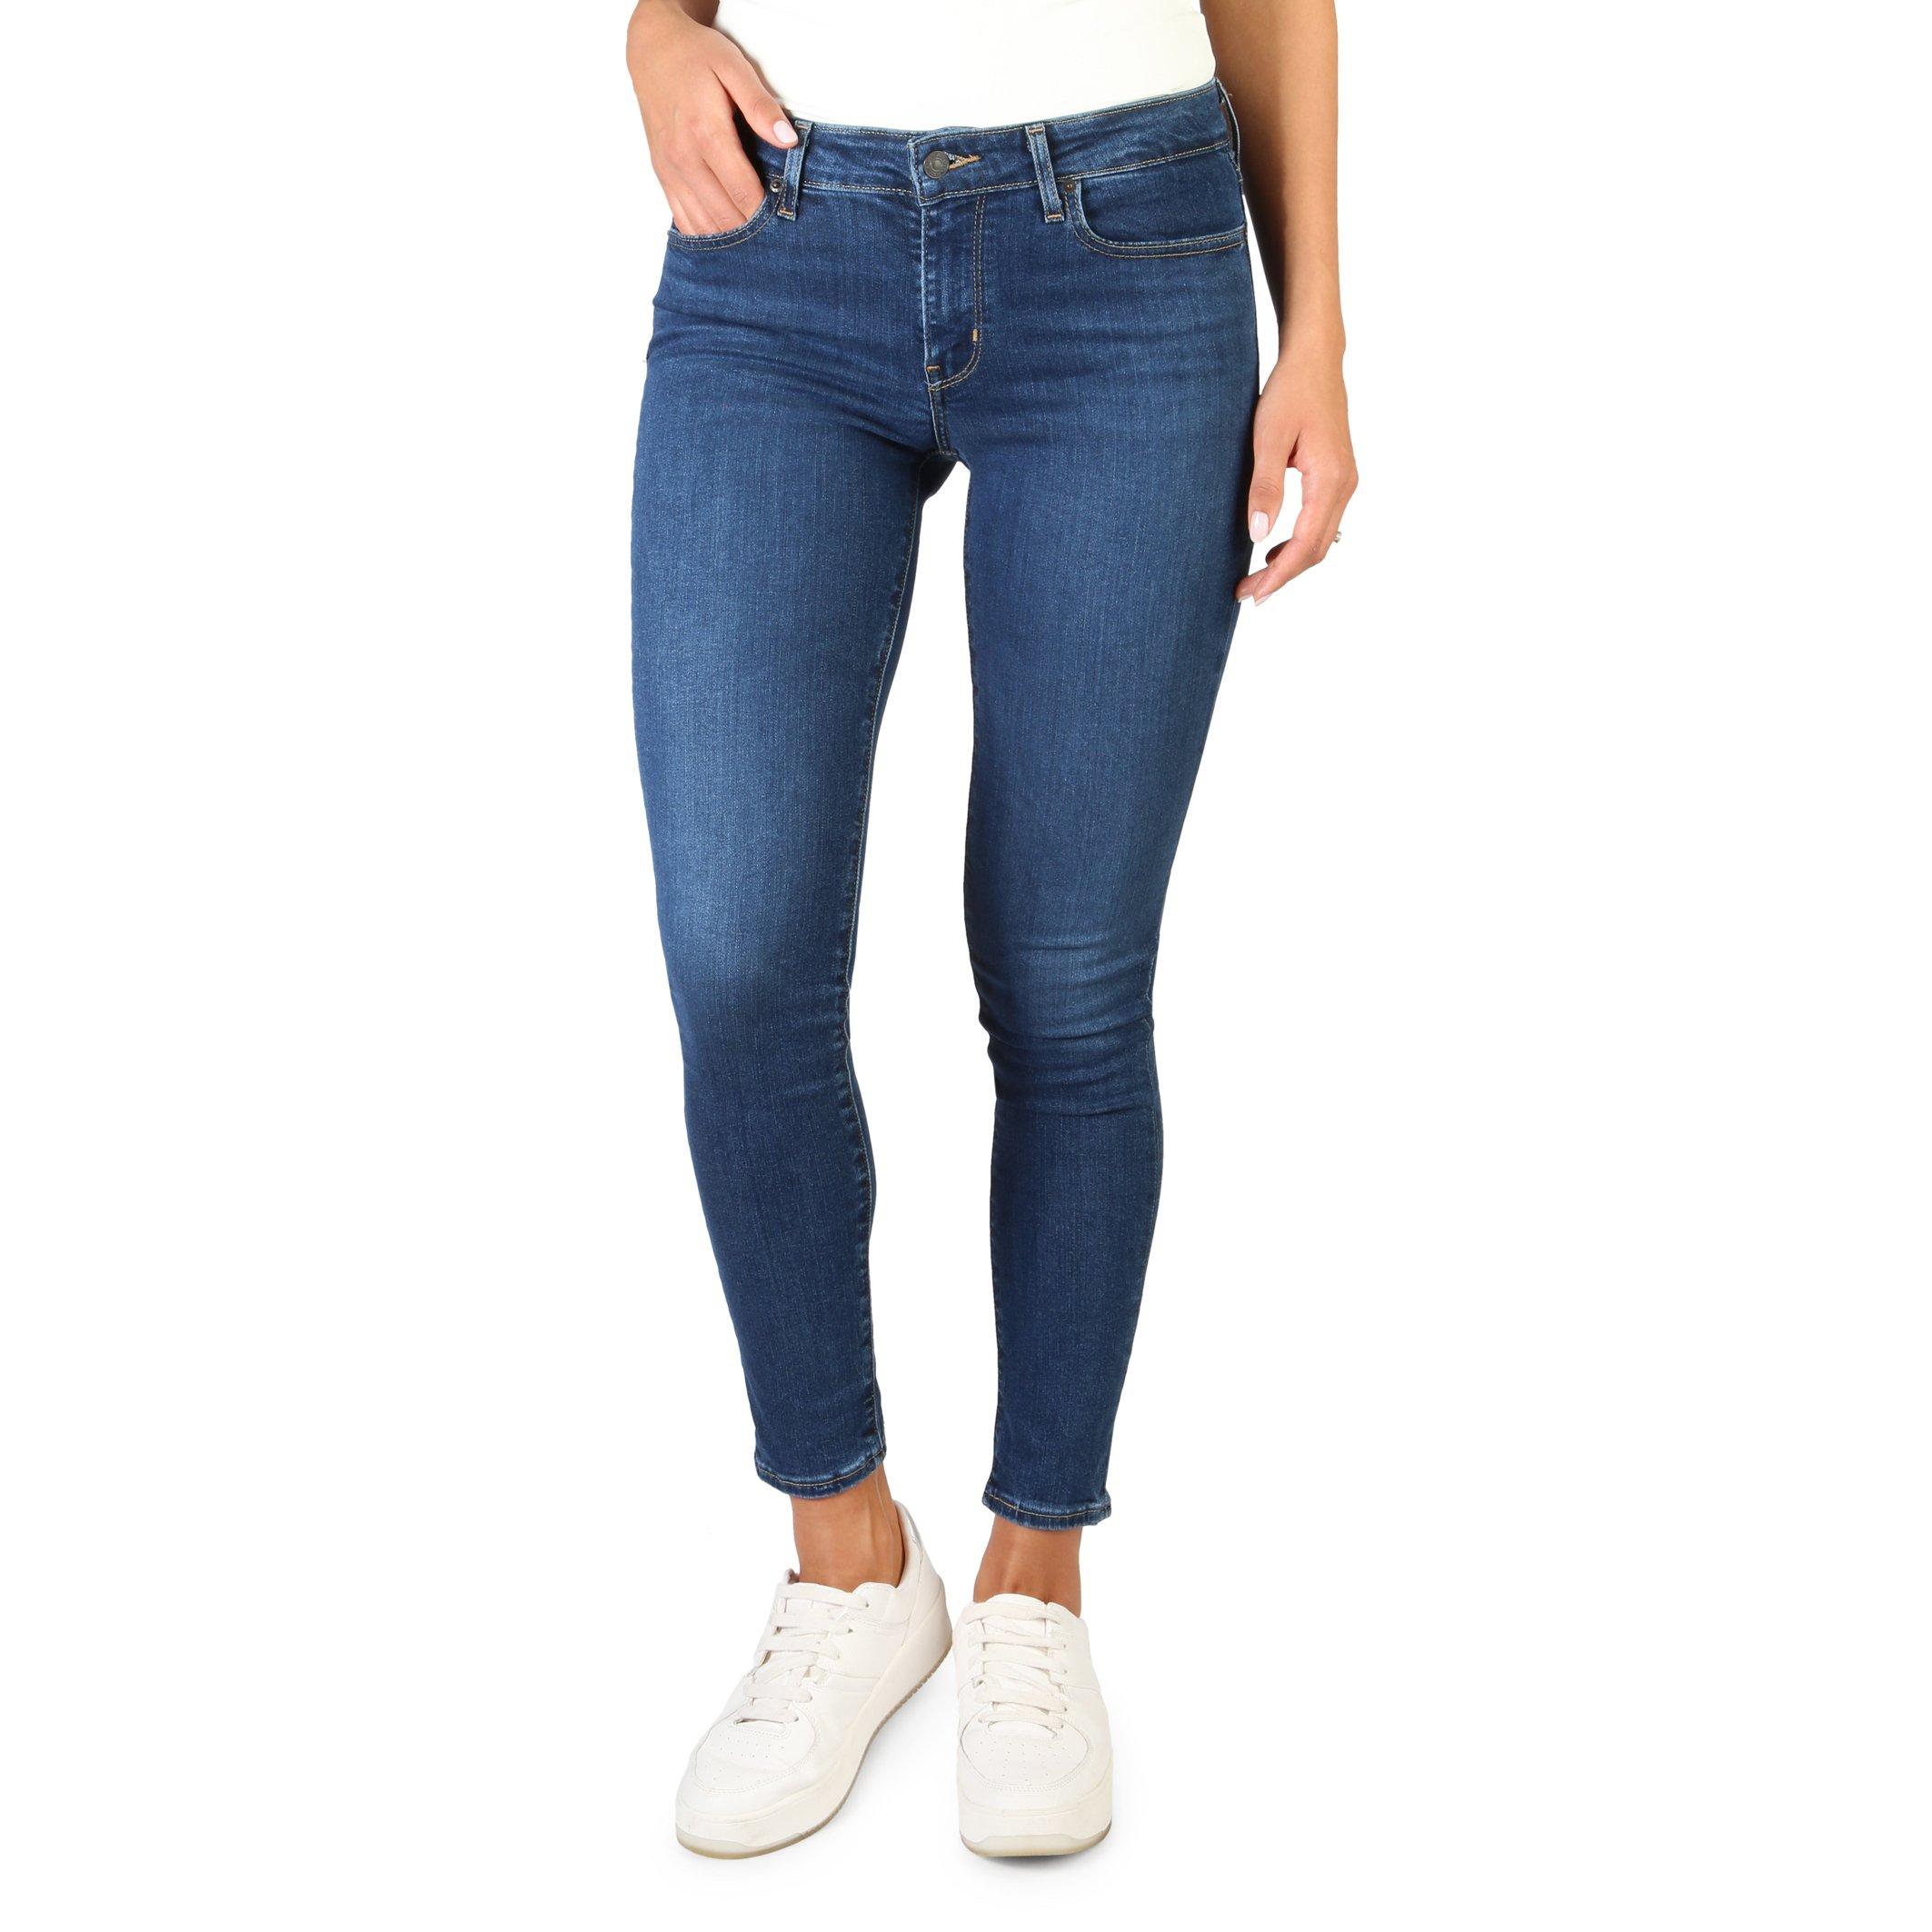 Levis Women's Jeans Blue 711-SKINNY - blue-2 26